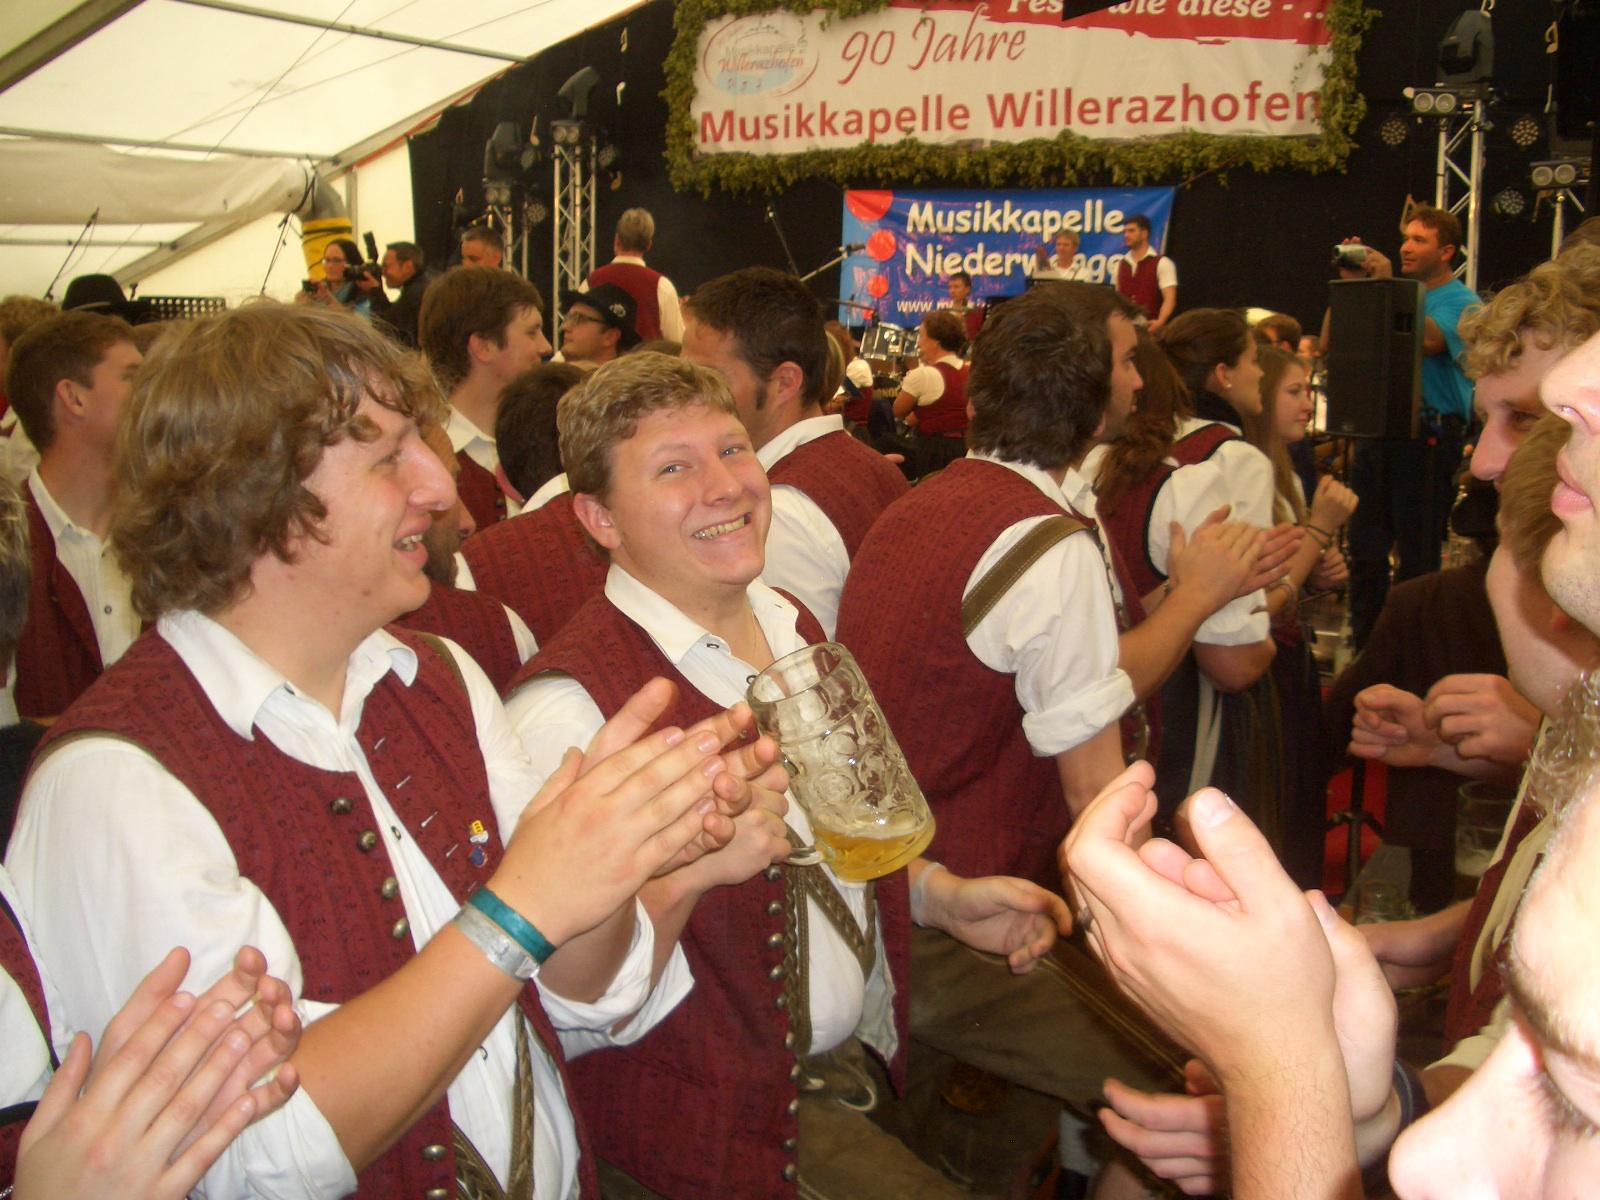 2013-09-15_musikfest-willerazhofen_020